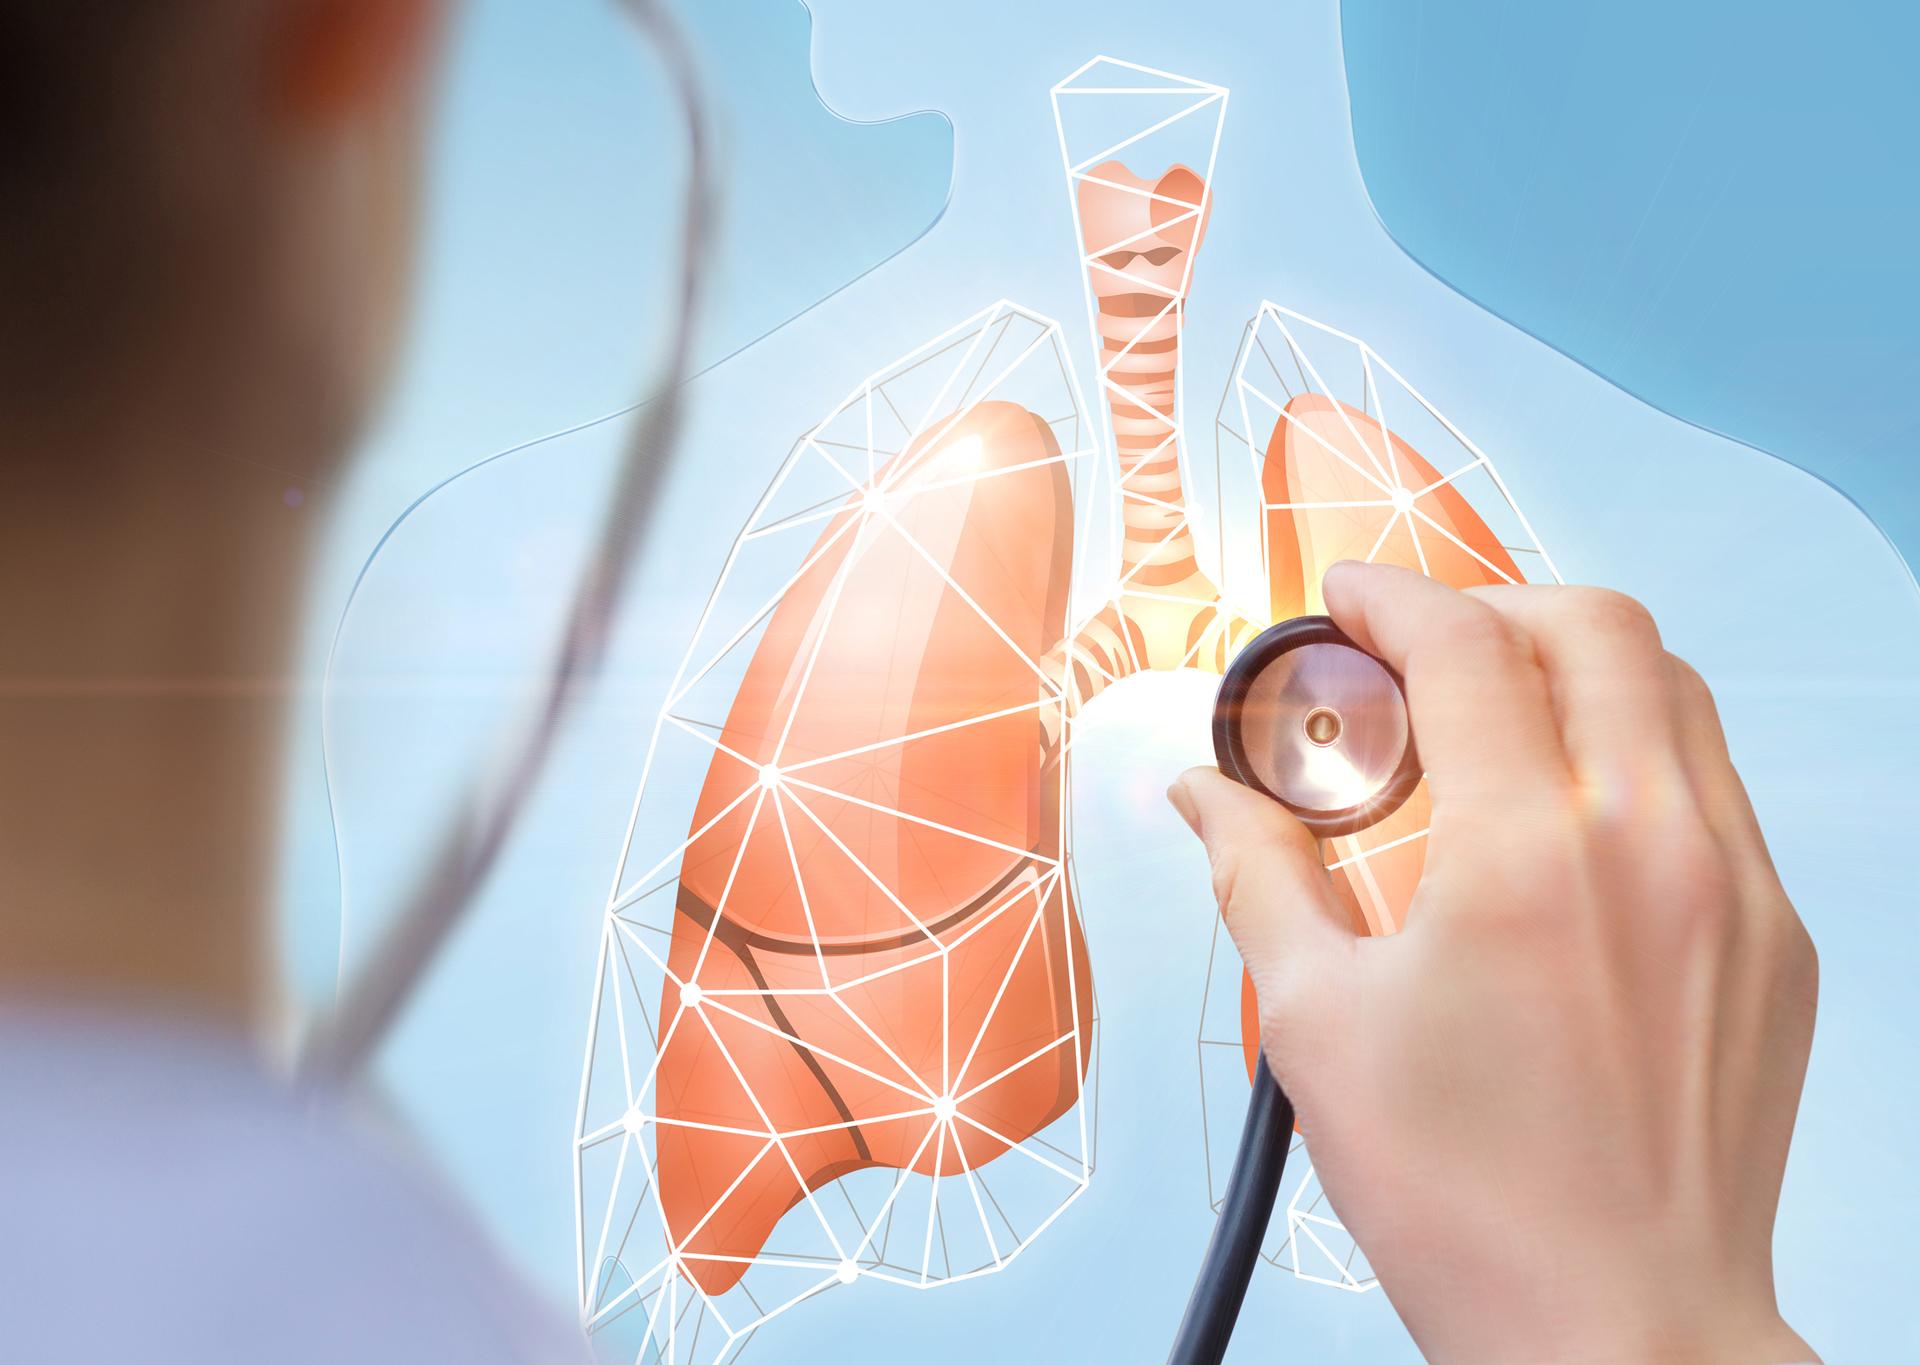 Arzt hört Lungenmodell mit einem Stethoskop ab